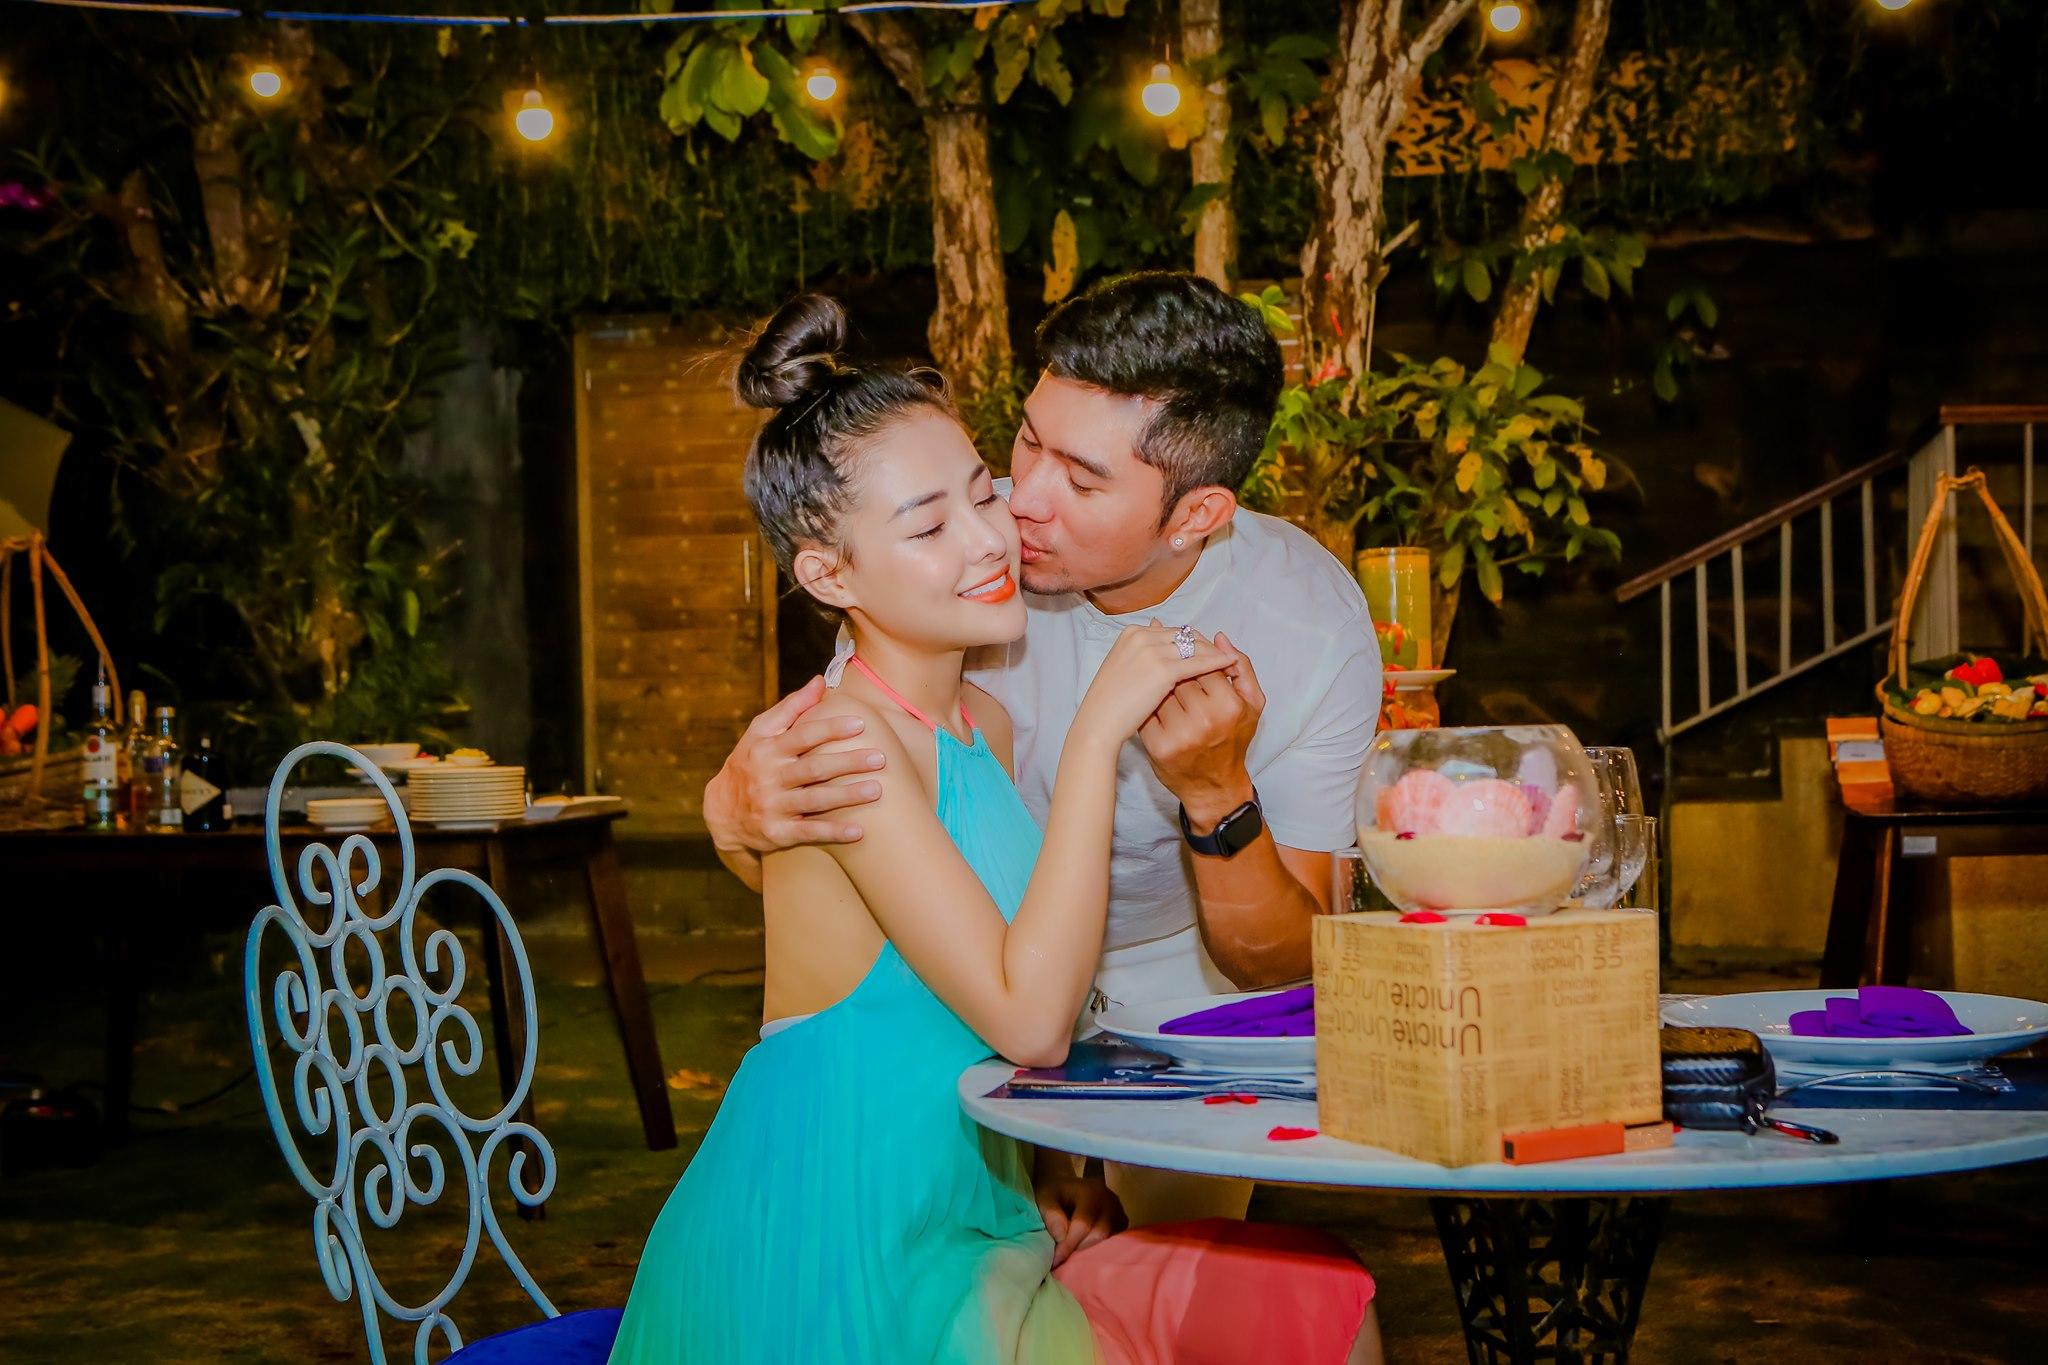 Nhiều hình ảnh ngọt ngào trong buổi tối cầu hôn Ngân 98 tiếp tục được nam nhạc sĩ công khai.